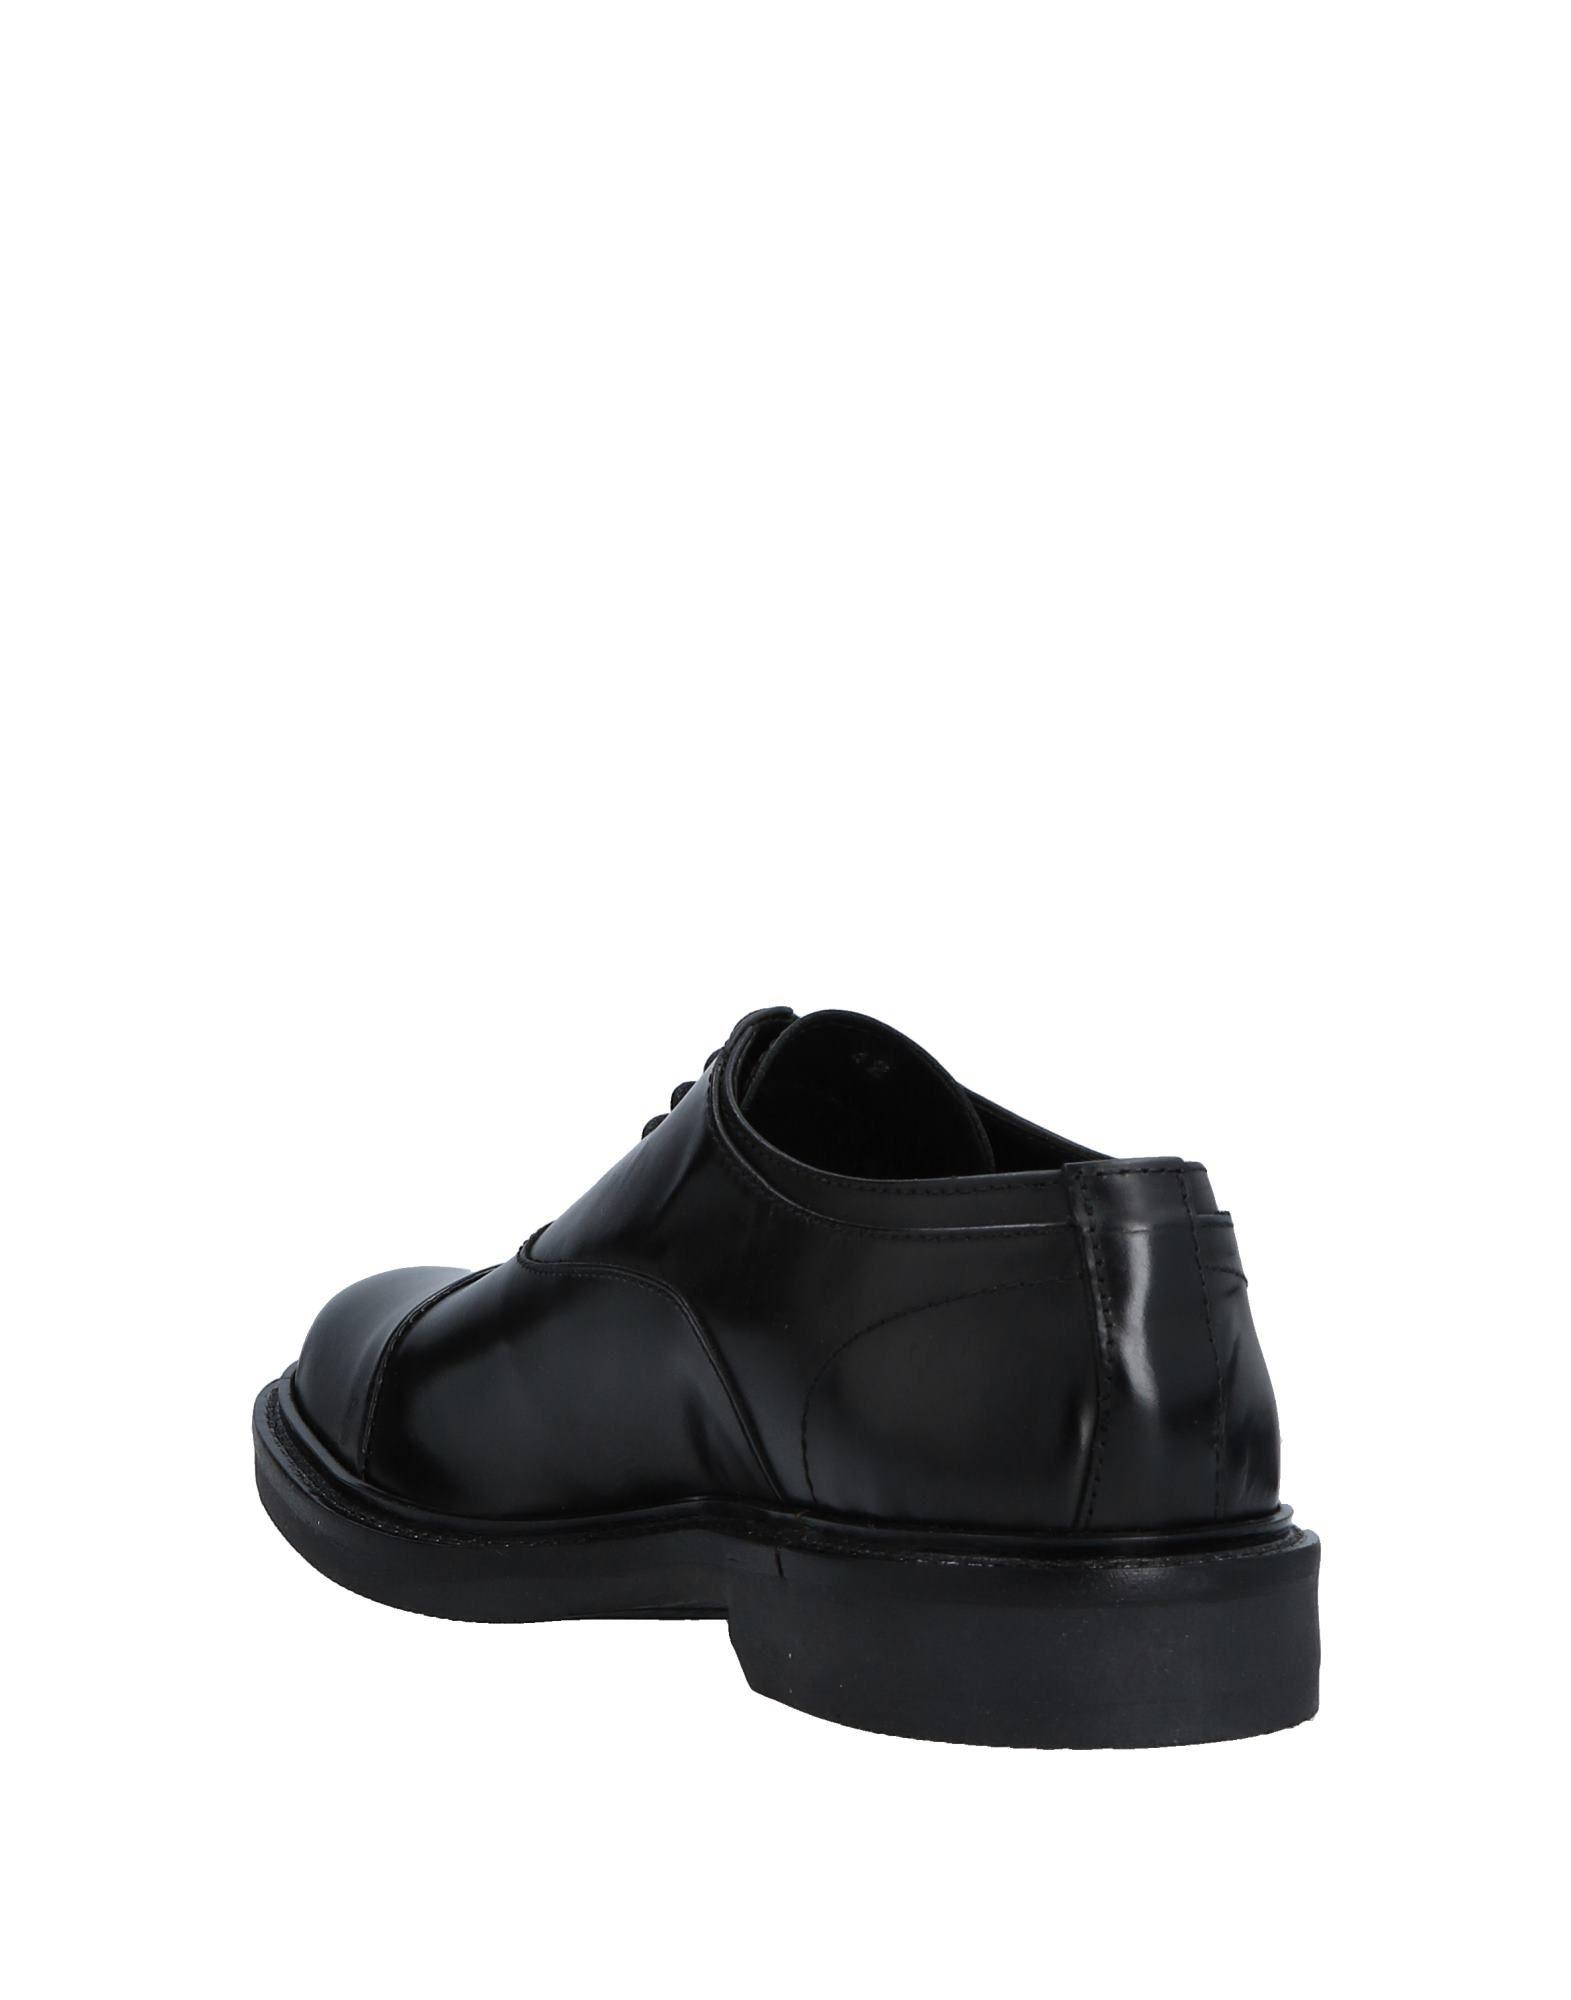 Rabatt echte Cafènoir Schuhe Cafènoir echte Schnürschuhe Herren  11530522SB dc98f5